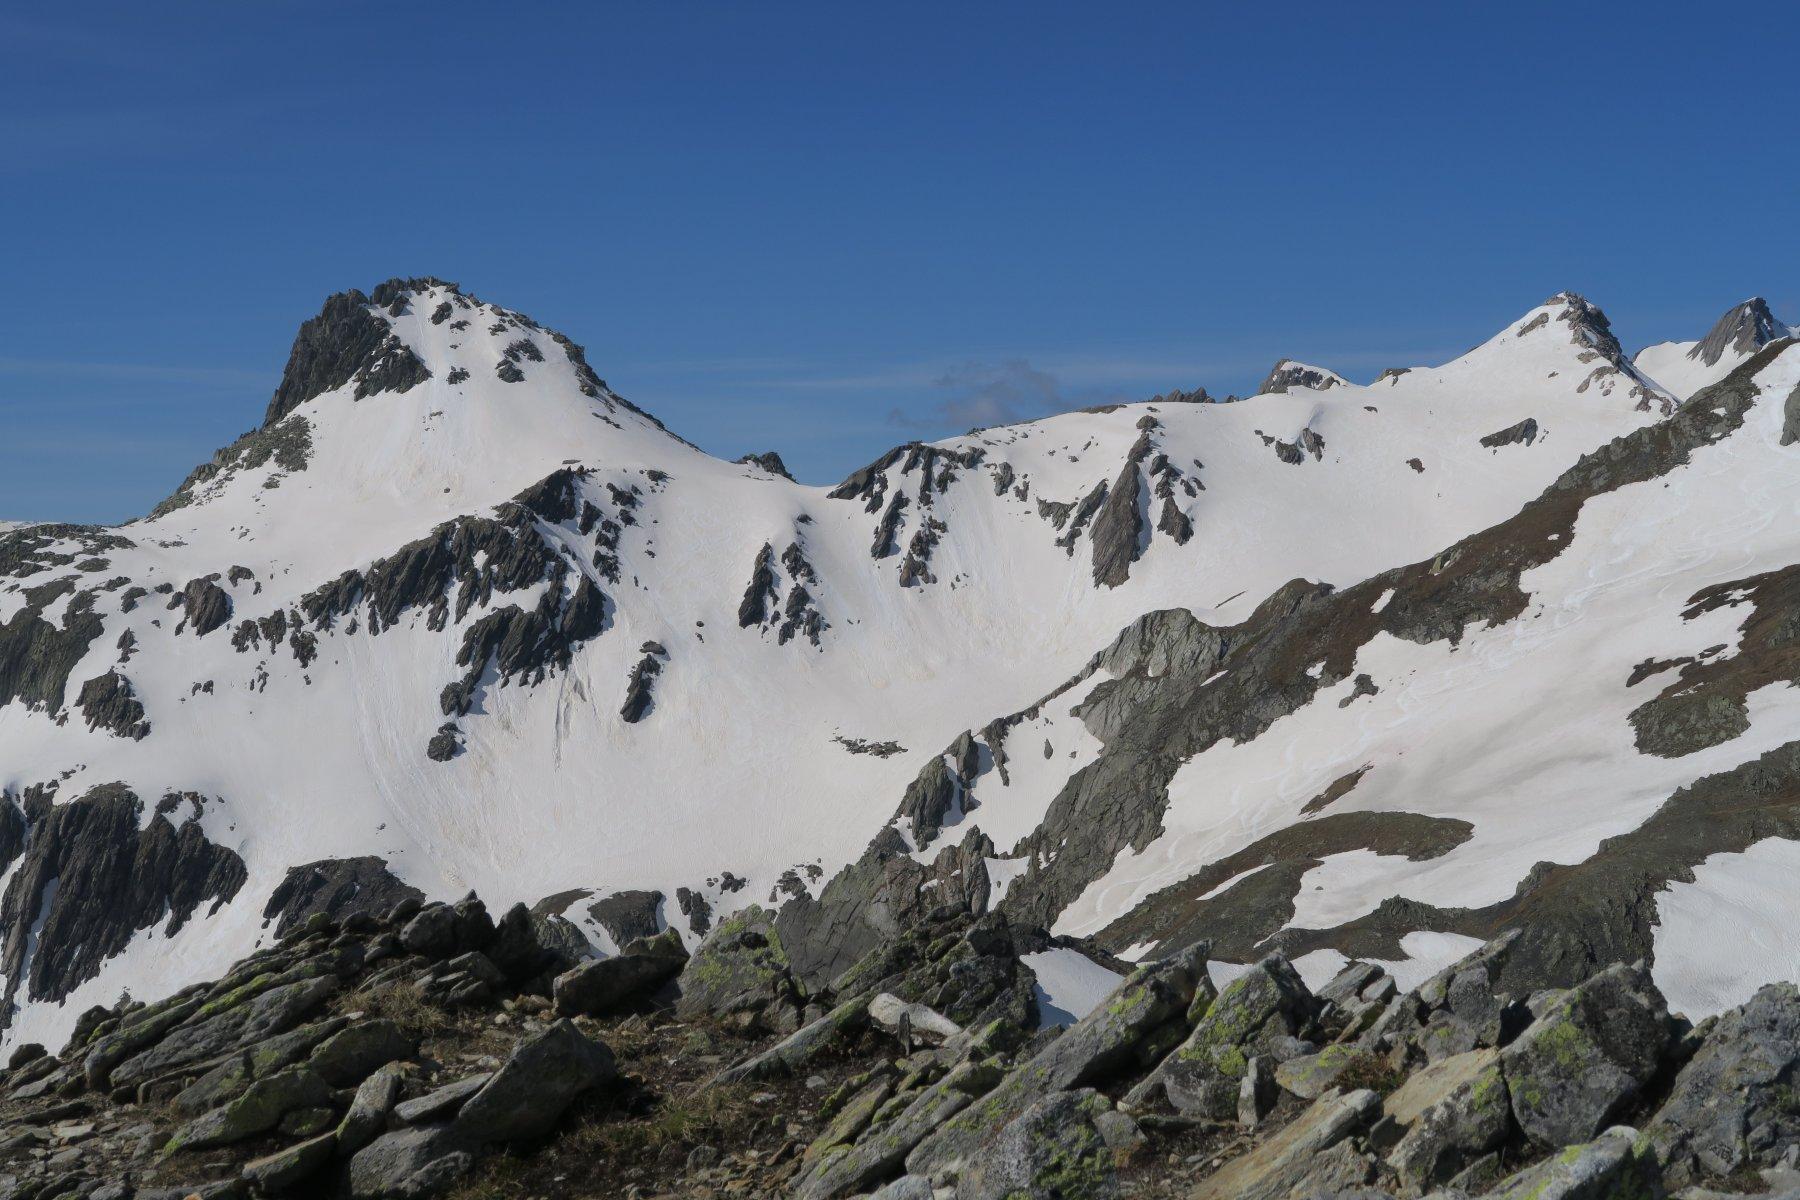 dalla cima: Pain de Sucre, Fouchon e tracce di discesa dalla Tete de Fenetre